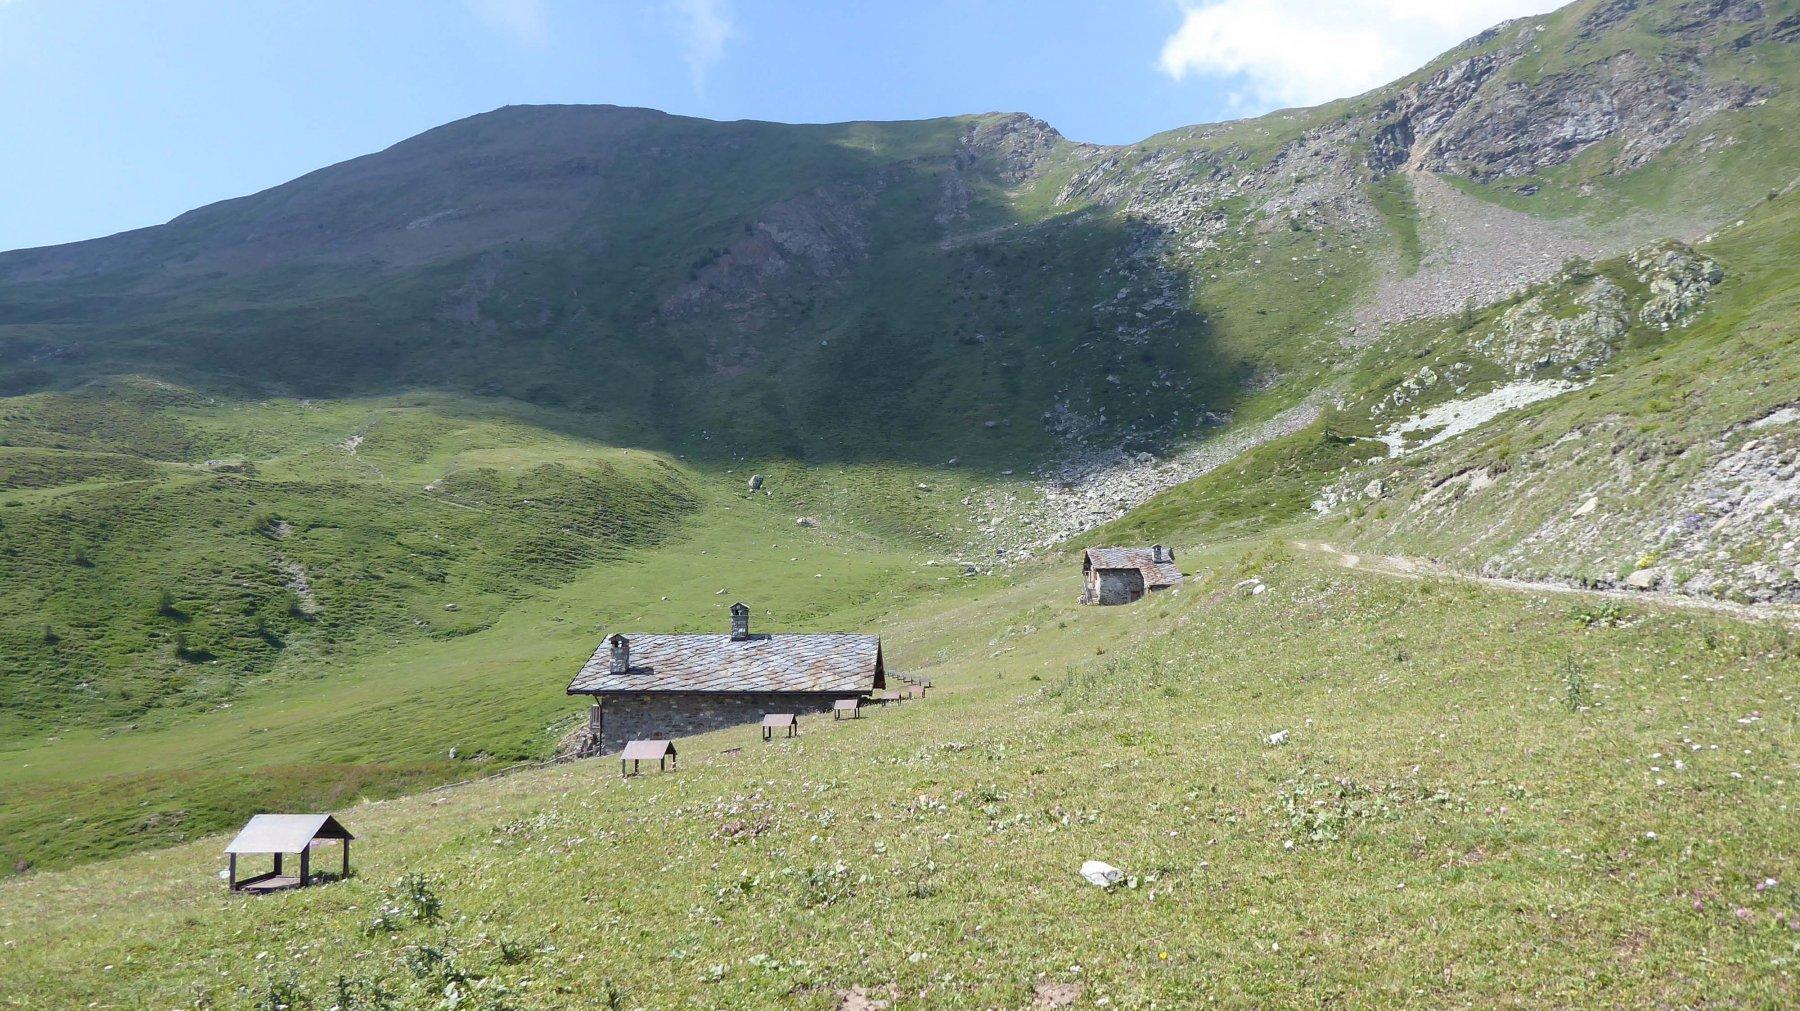 la Punta Chaligne e l'Alpe Tsa de chaligne